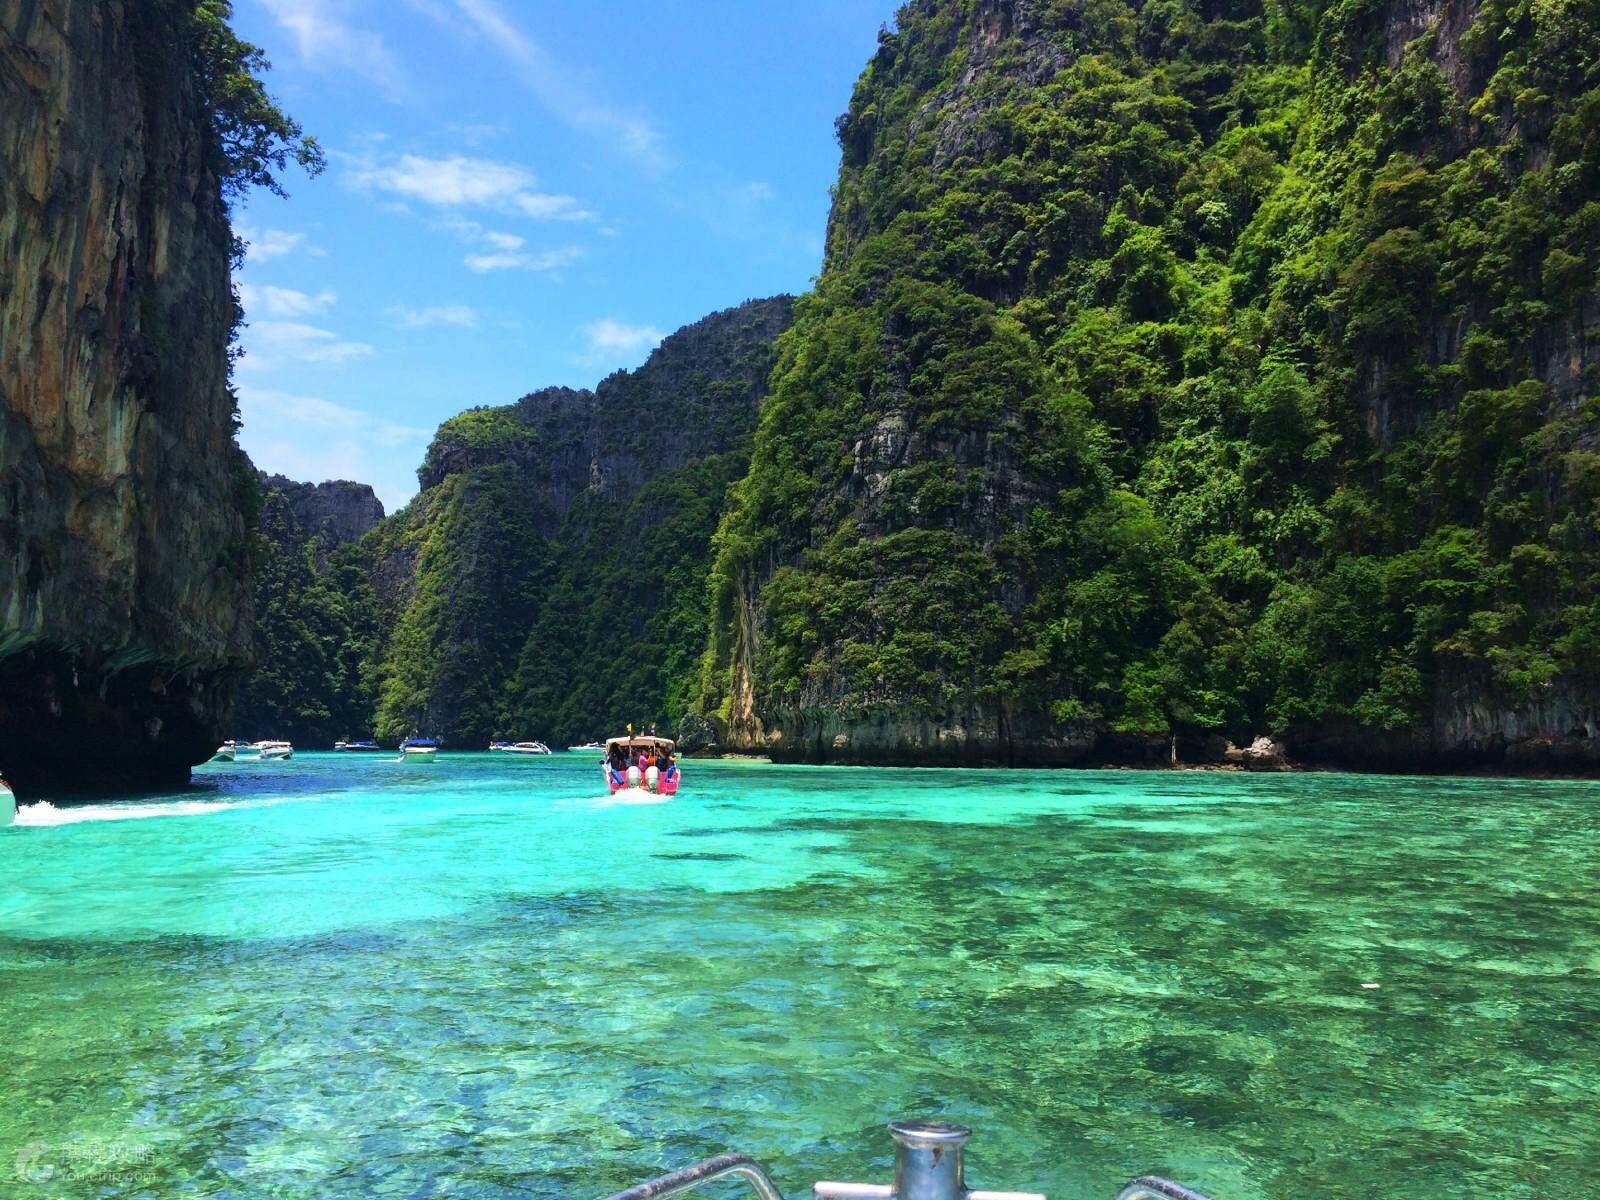 普吉皮皮岛-泰国普吉岛7日跟团游 3钻 赠泰服写真或旅拍 前往海豚岛 幻多奇乐园